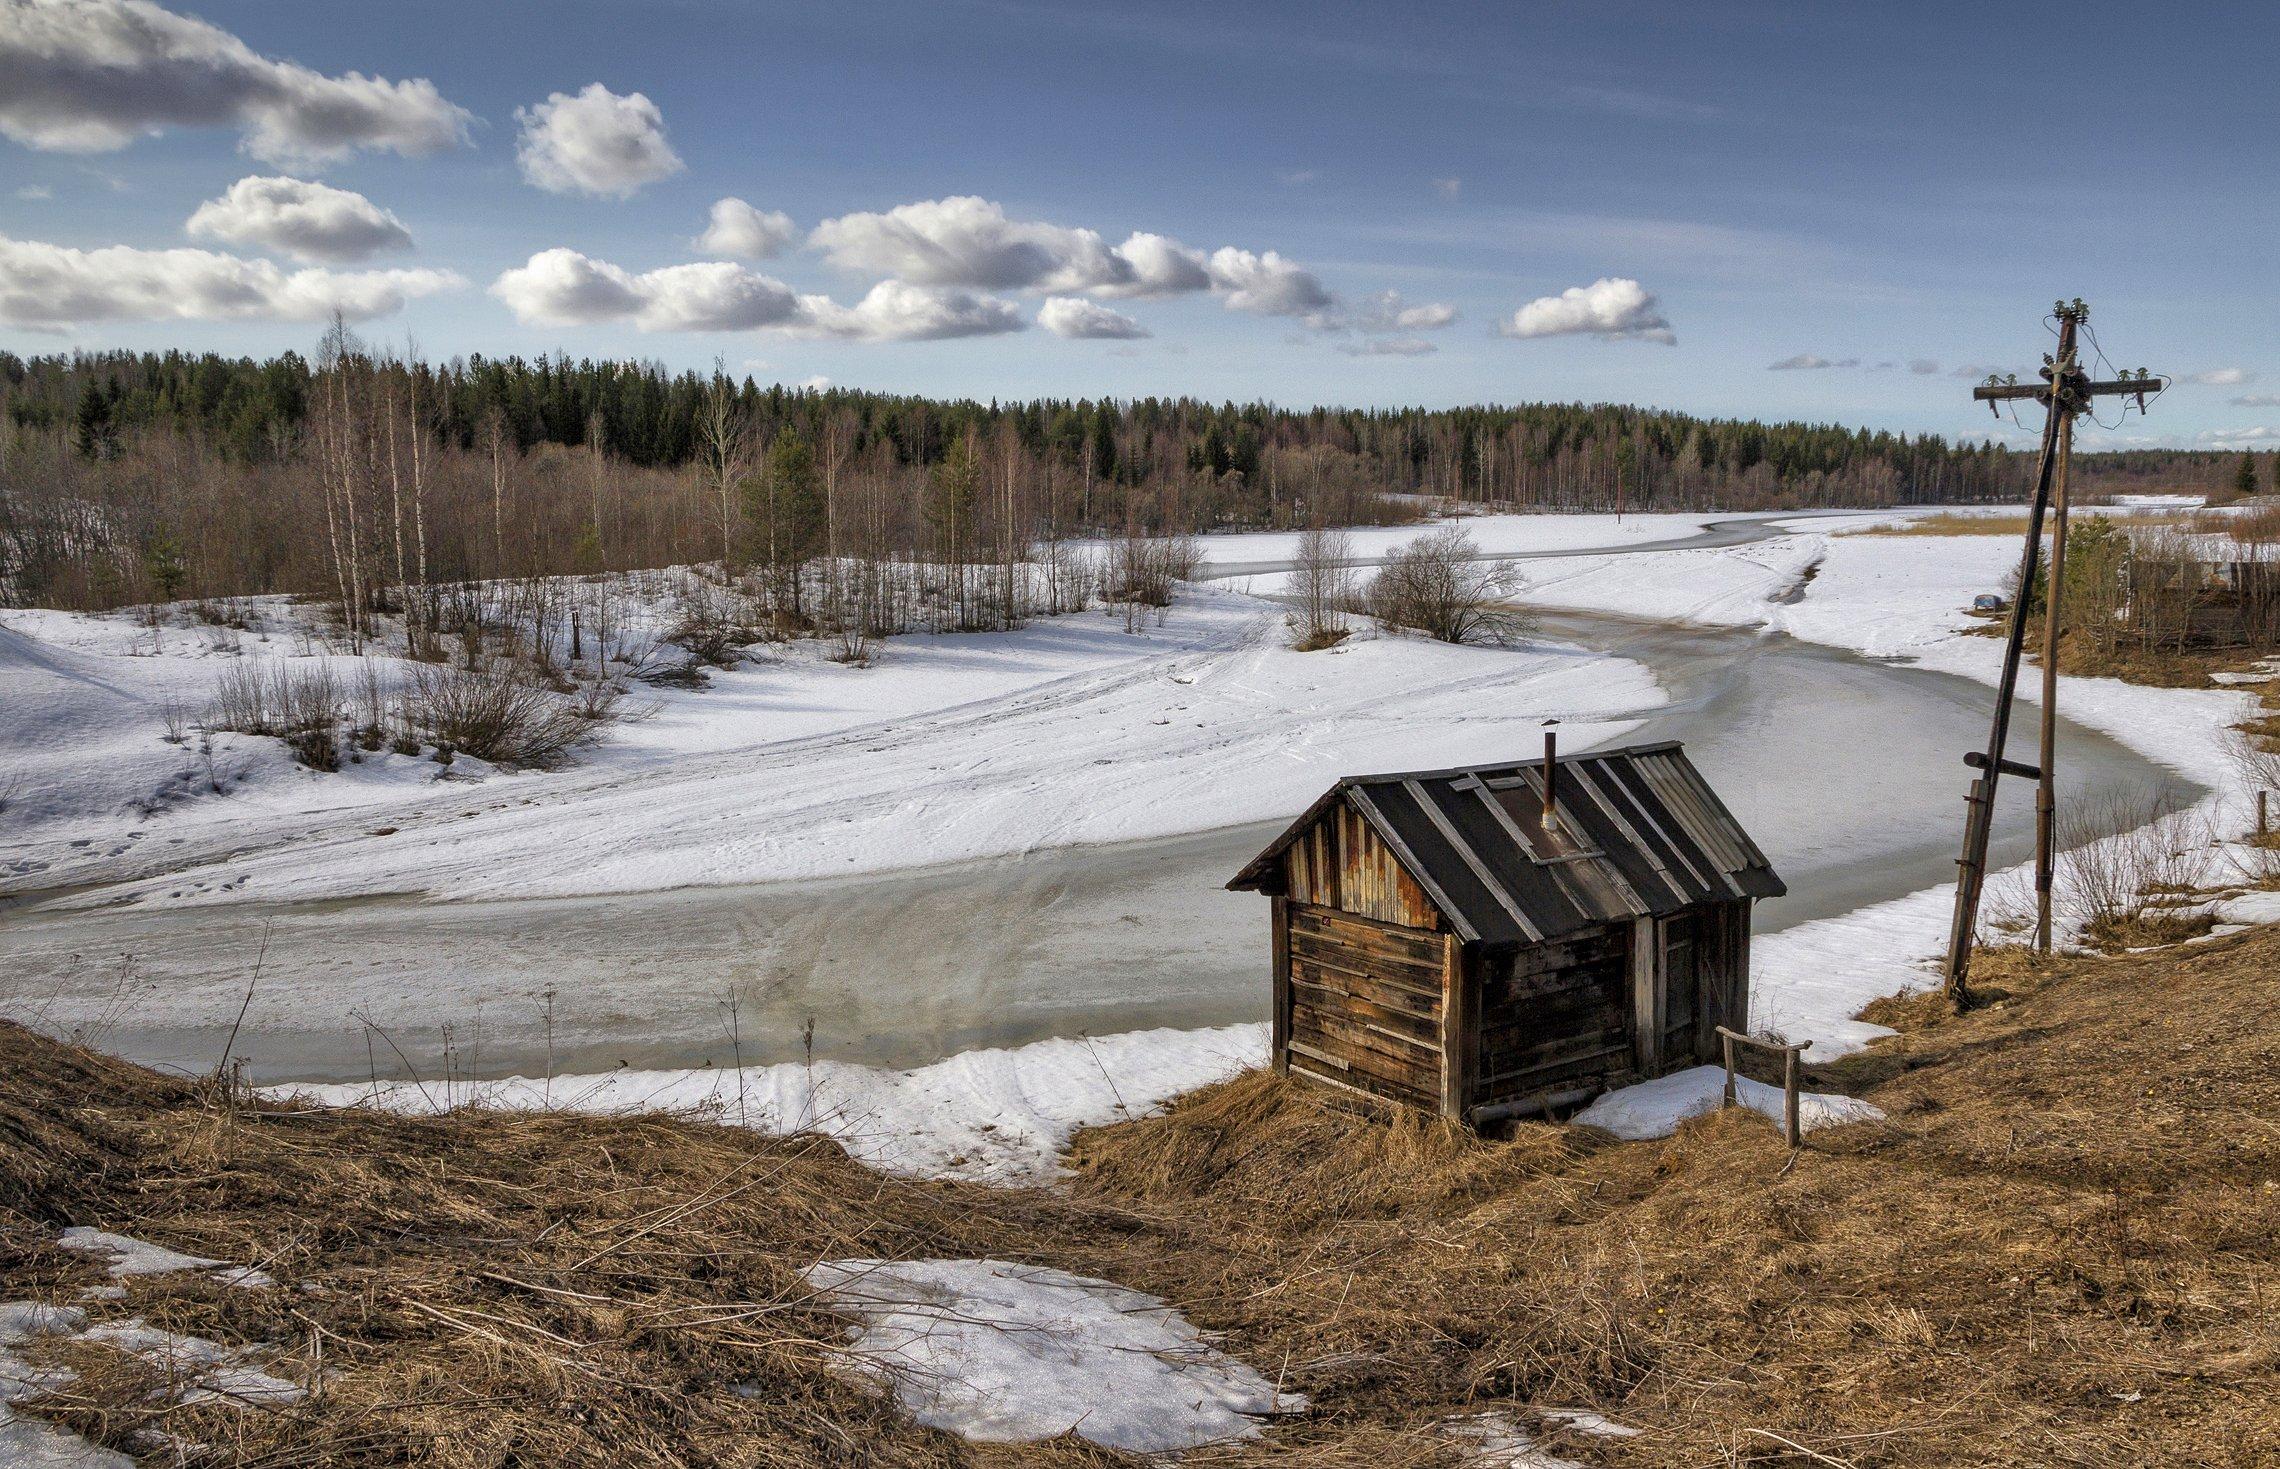 весна, река, берег, лес, деревья, баня, облака, снег, лед, трава, Вера Ра